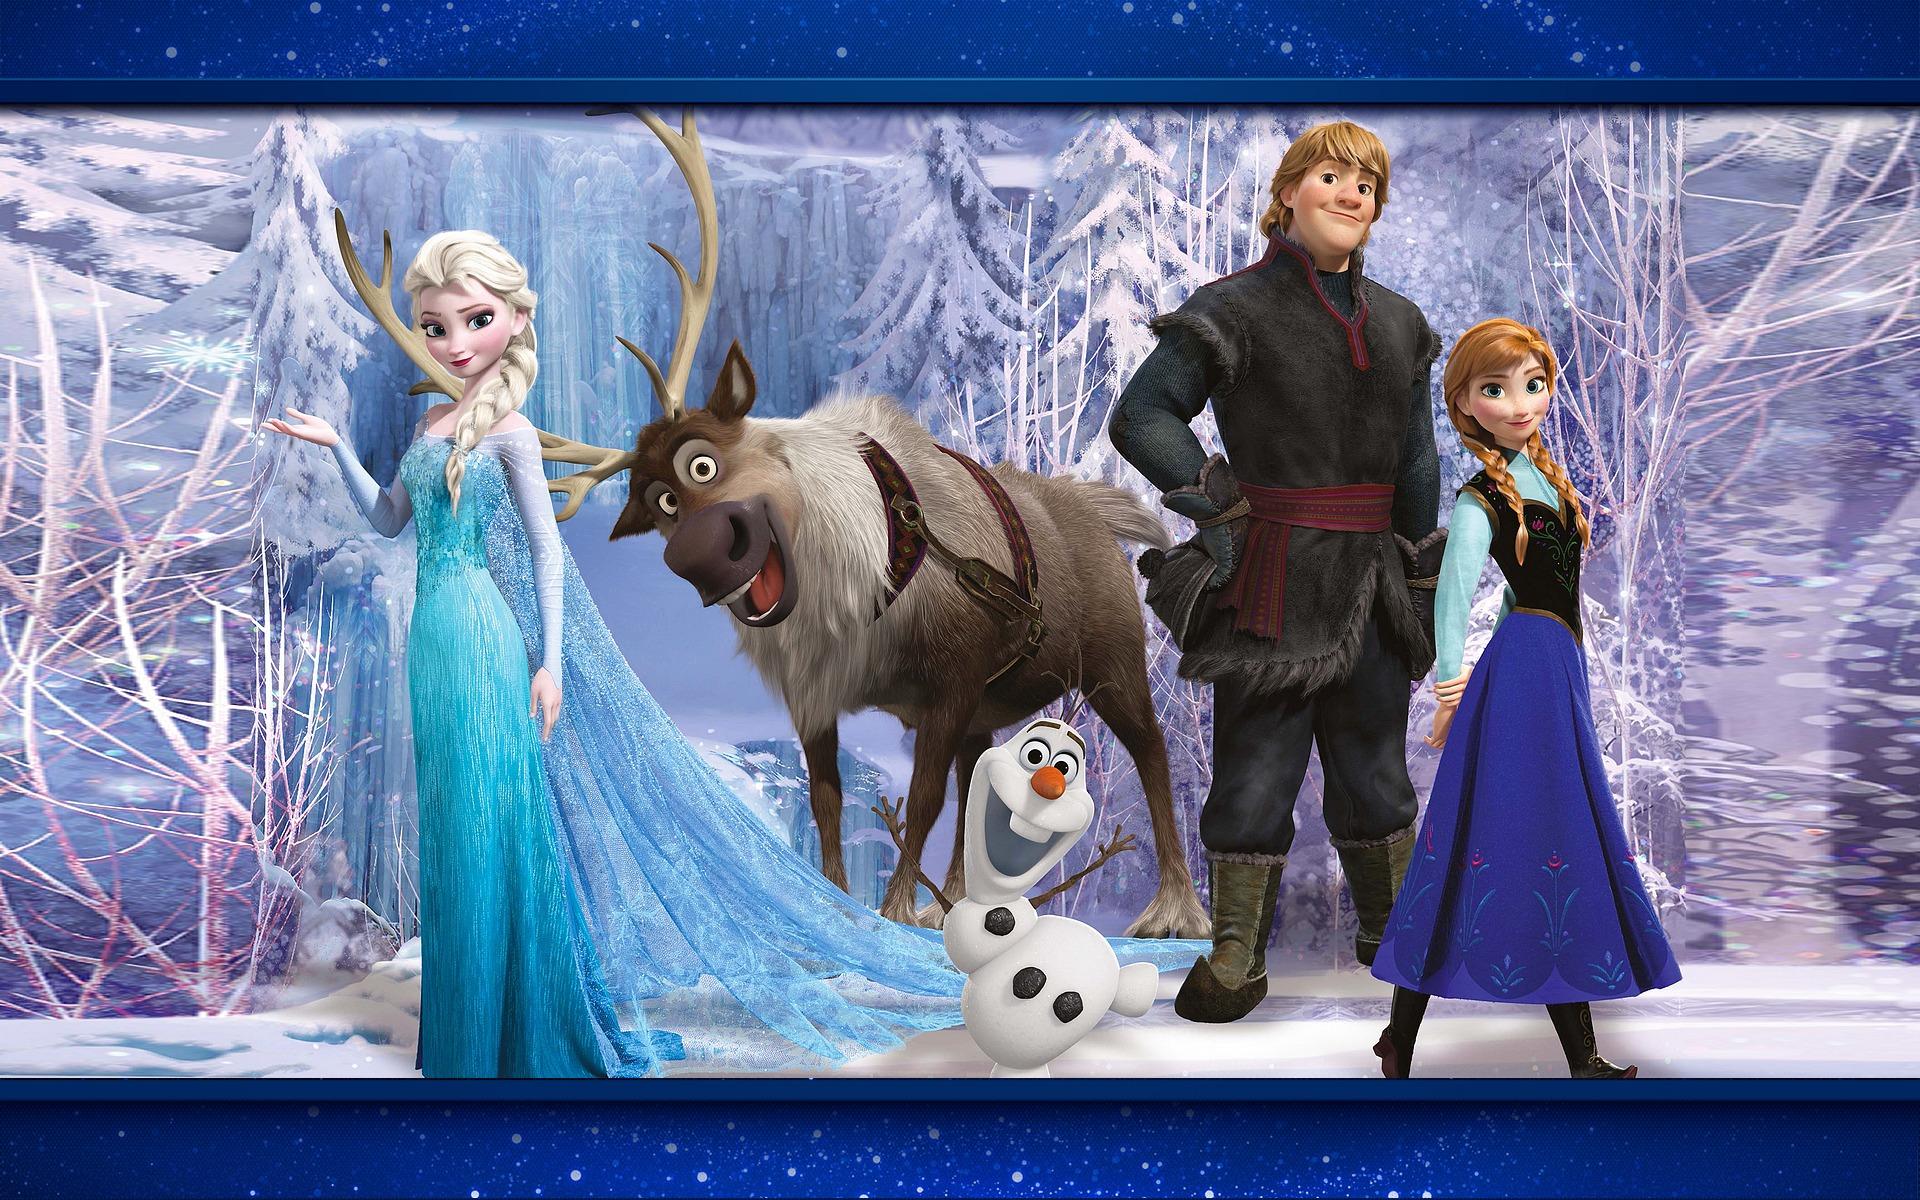 fond dcran la reine des neiges